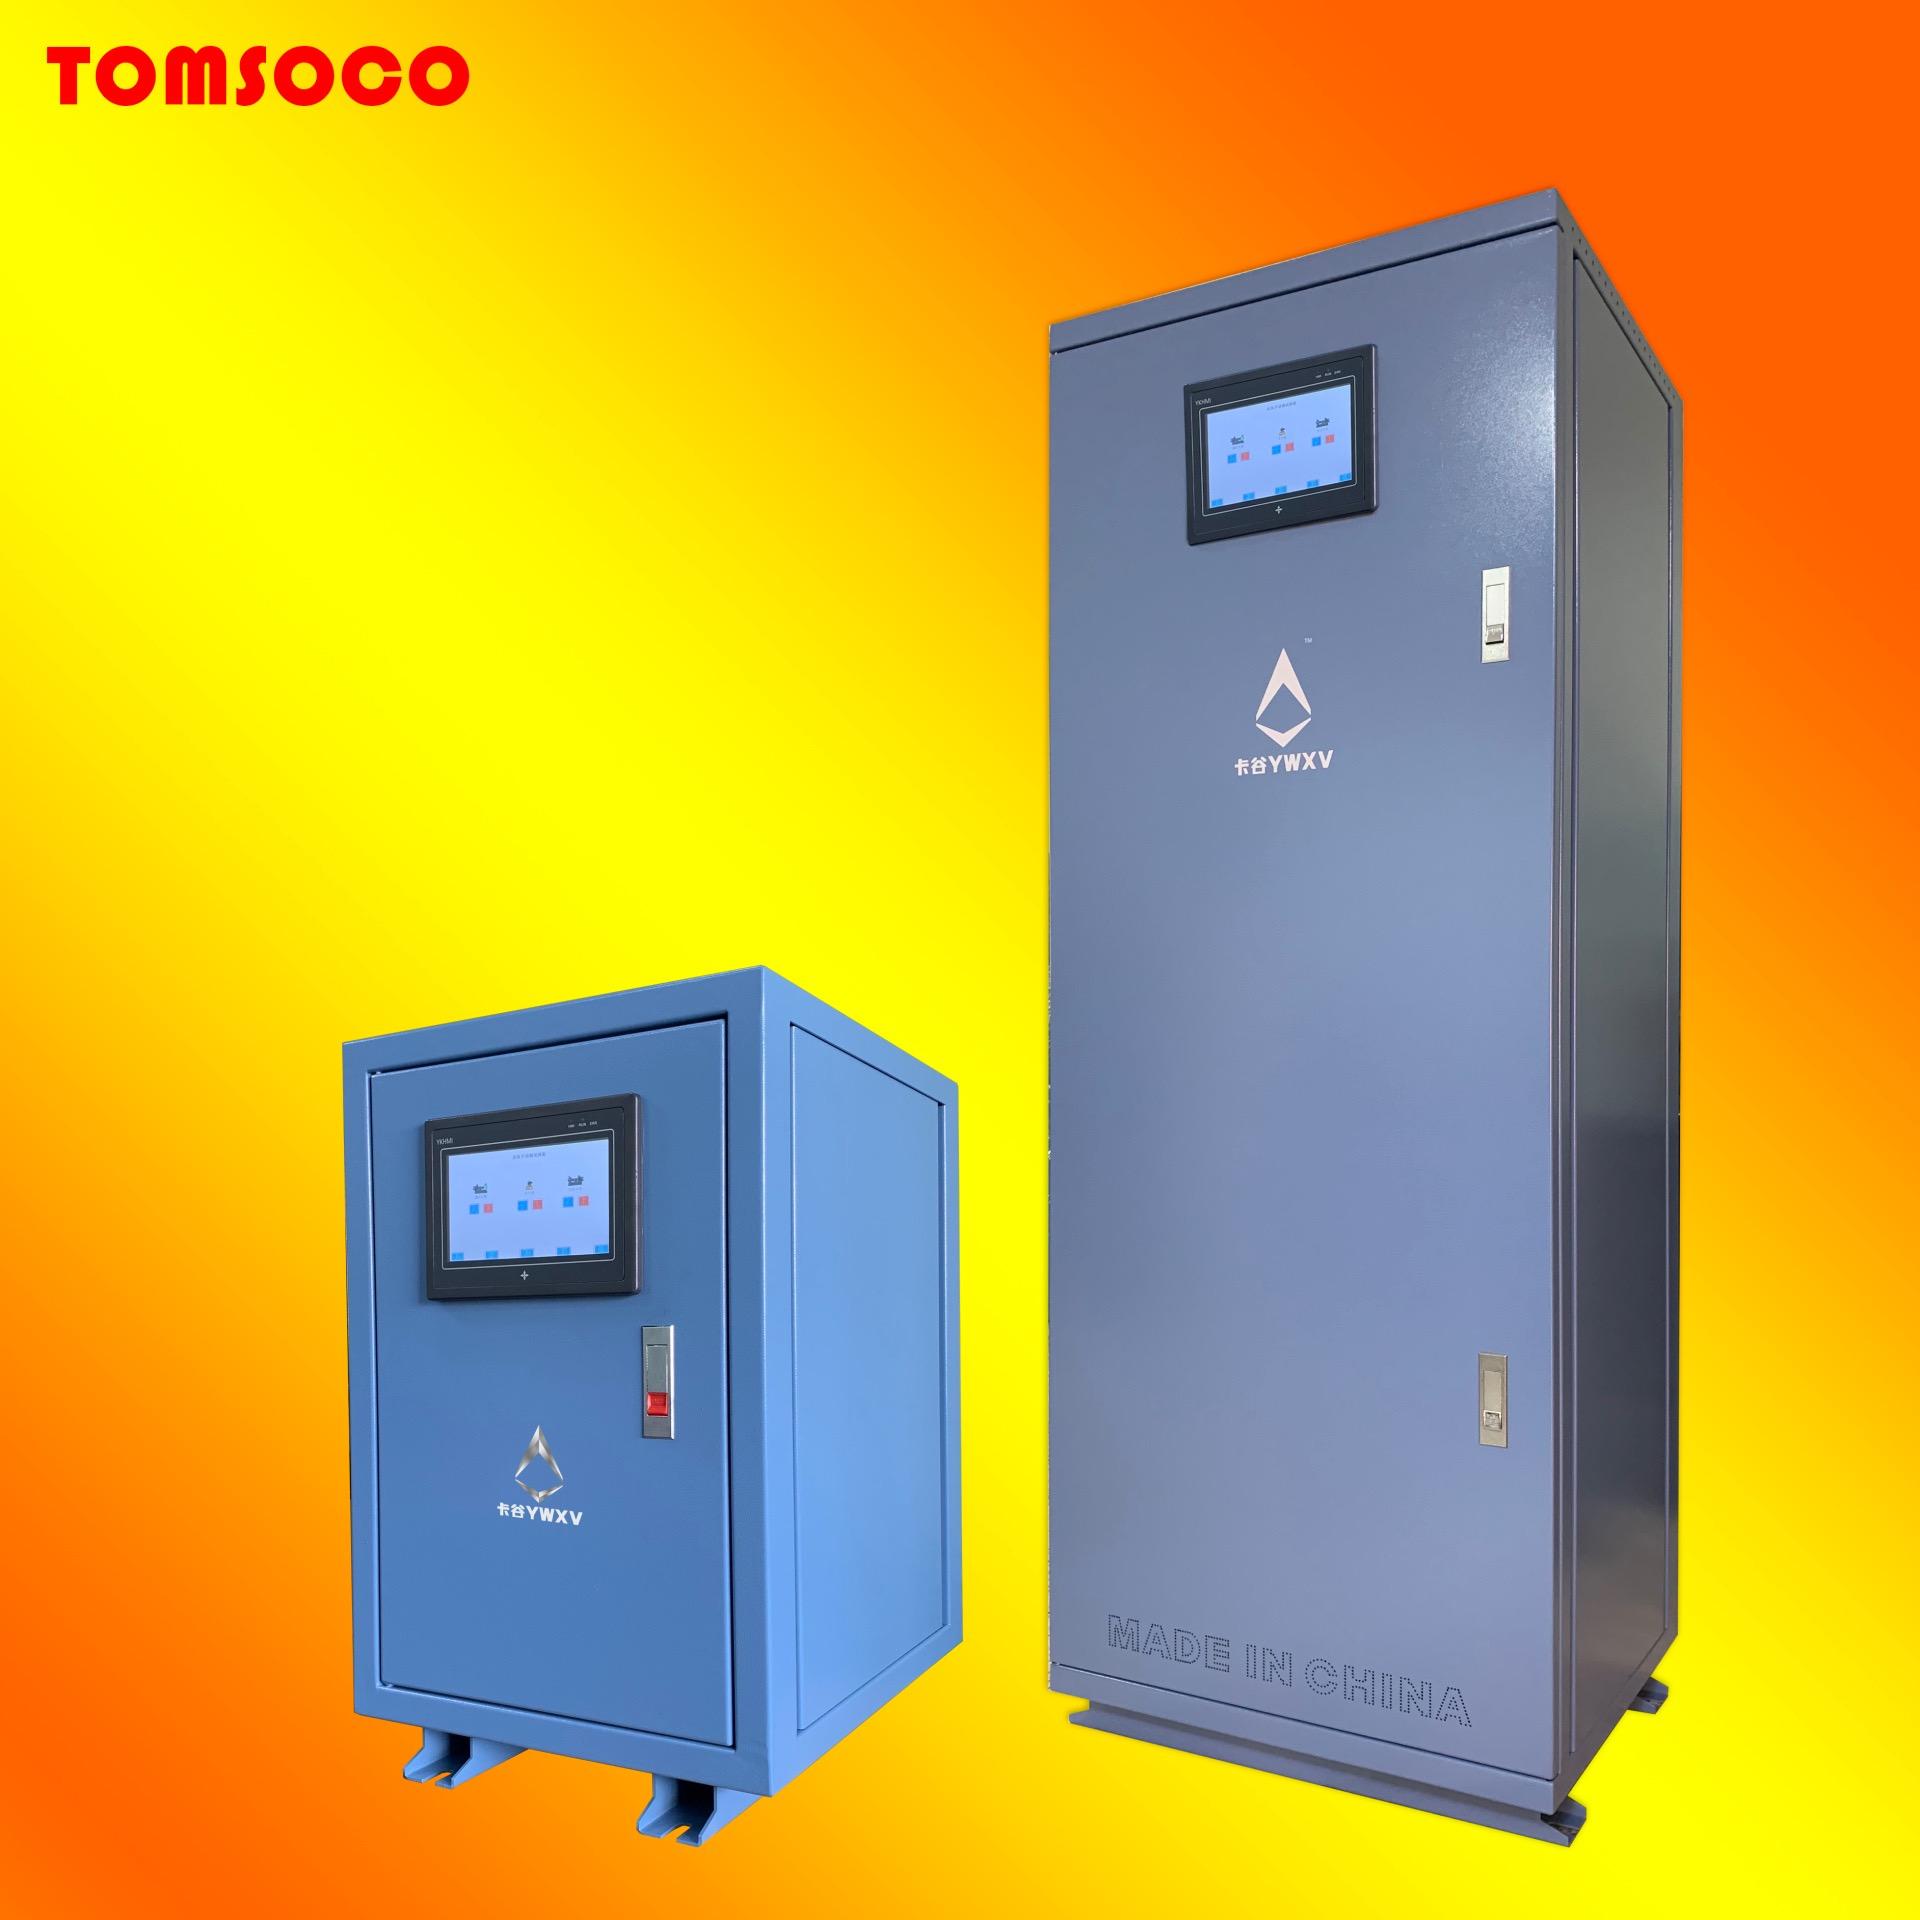 卡谷110KW空壓機熱能利用 空壓機余熱回收系統 空壓機余熱回收利用方案質量保證 一款不用電的熱水器  空壓機熱回收設備